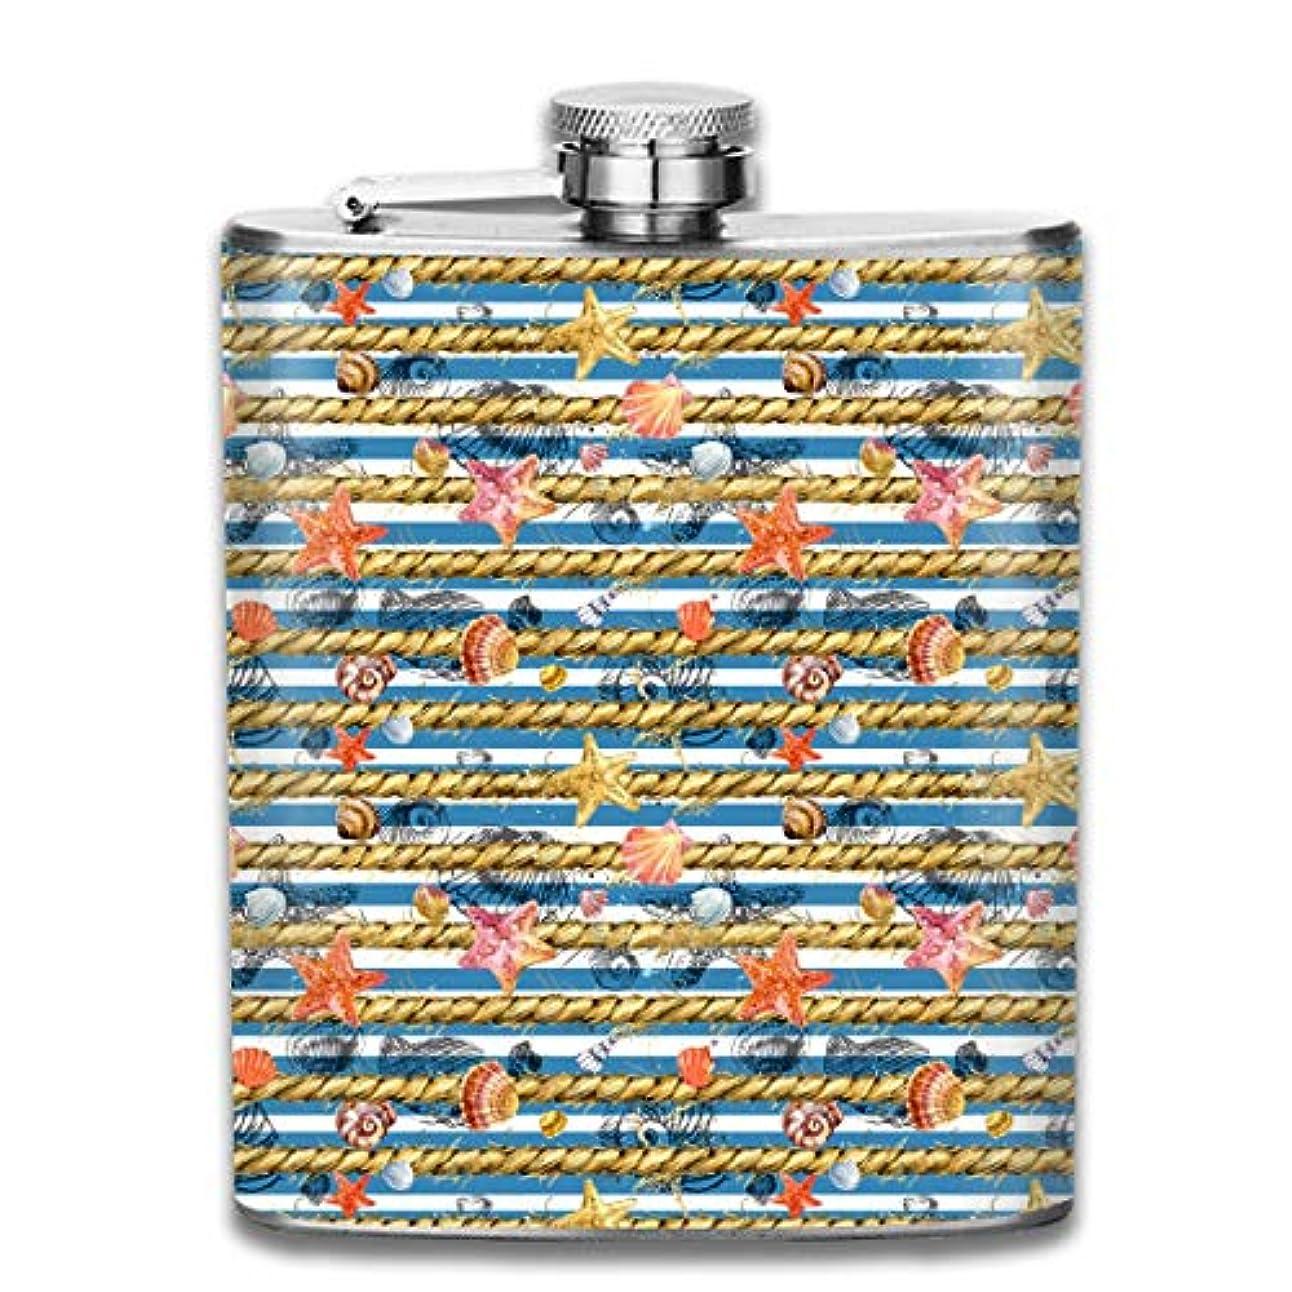 クラッシュ講堂出版ツブと貝殻 フラスコ スキットル ヒップフラスコ 7オンス 206ml 高品質ステンレス製 ウイスキー アルコール 清酒 携帯 ボトル